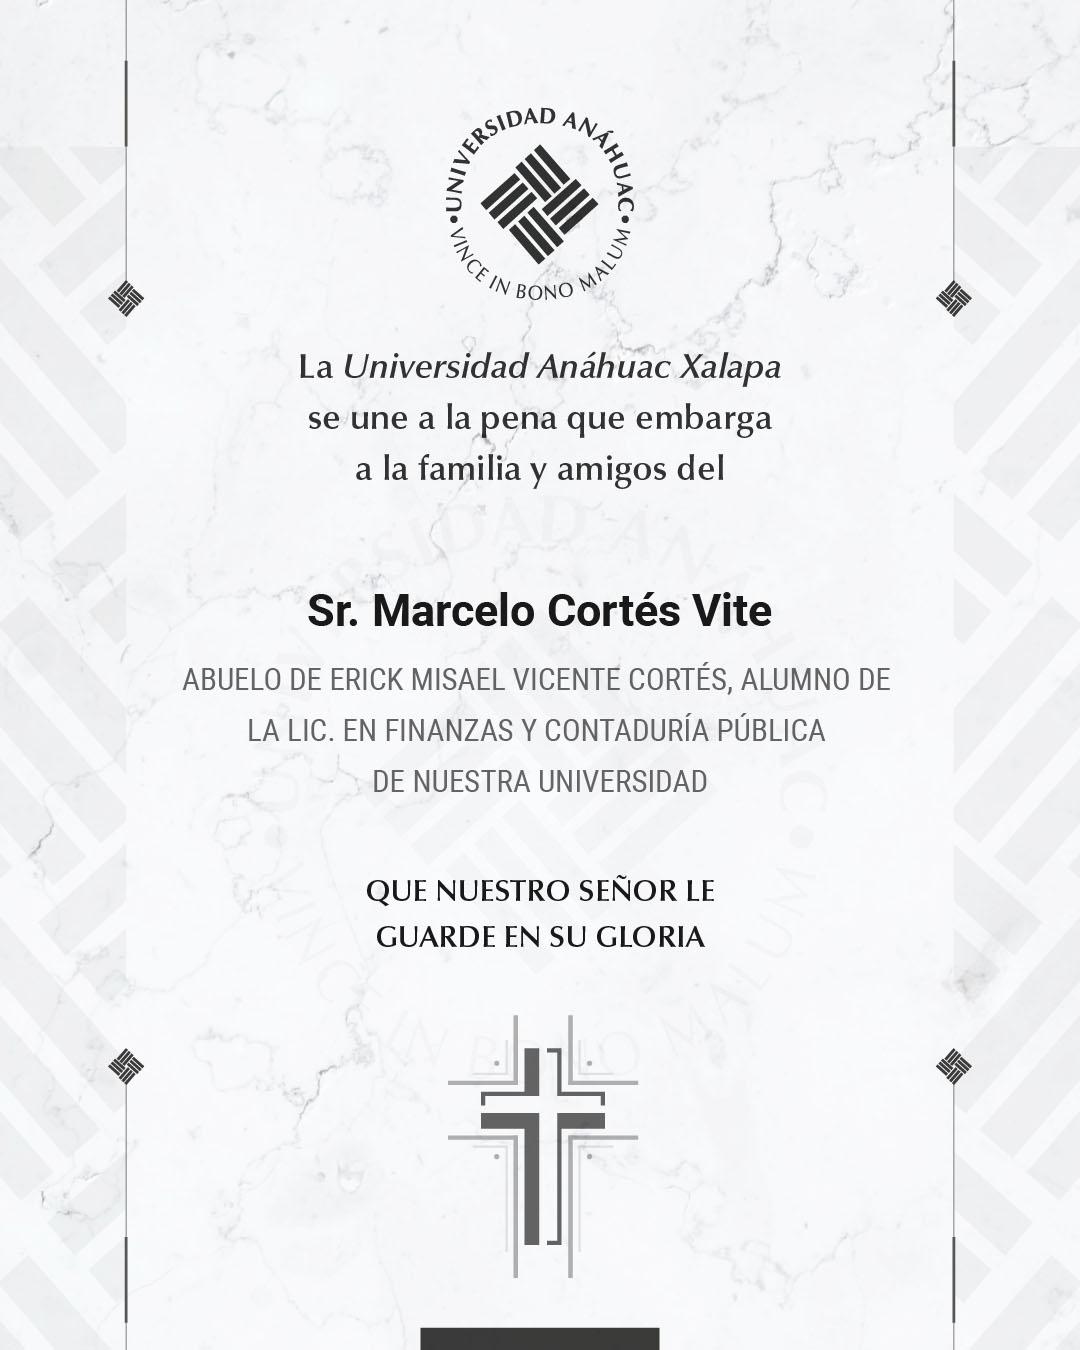 9 / 14 - Sr. Marcelo Cortés Vite